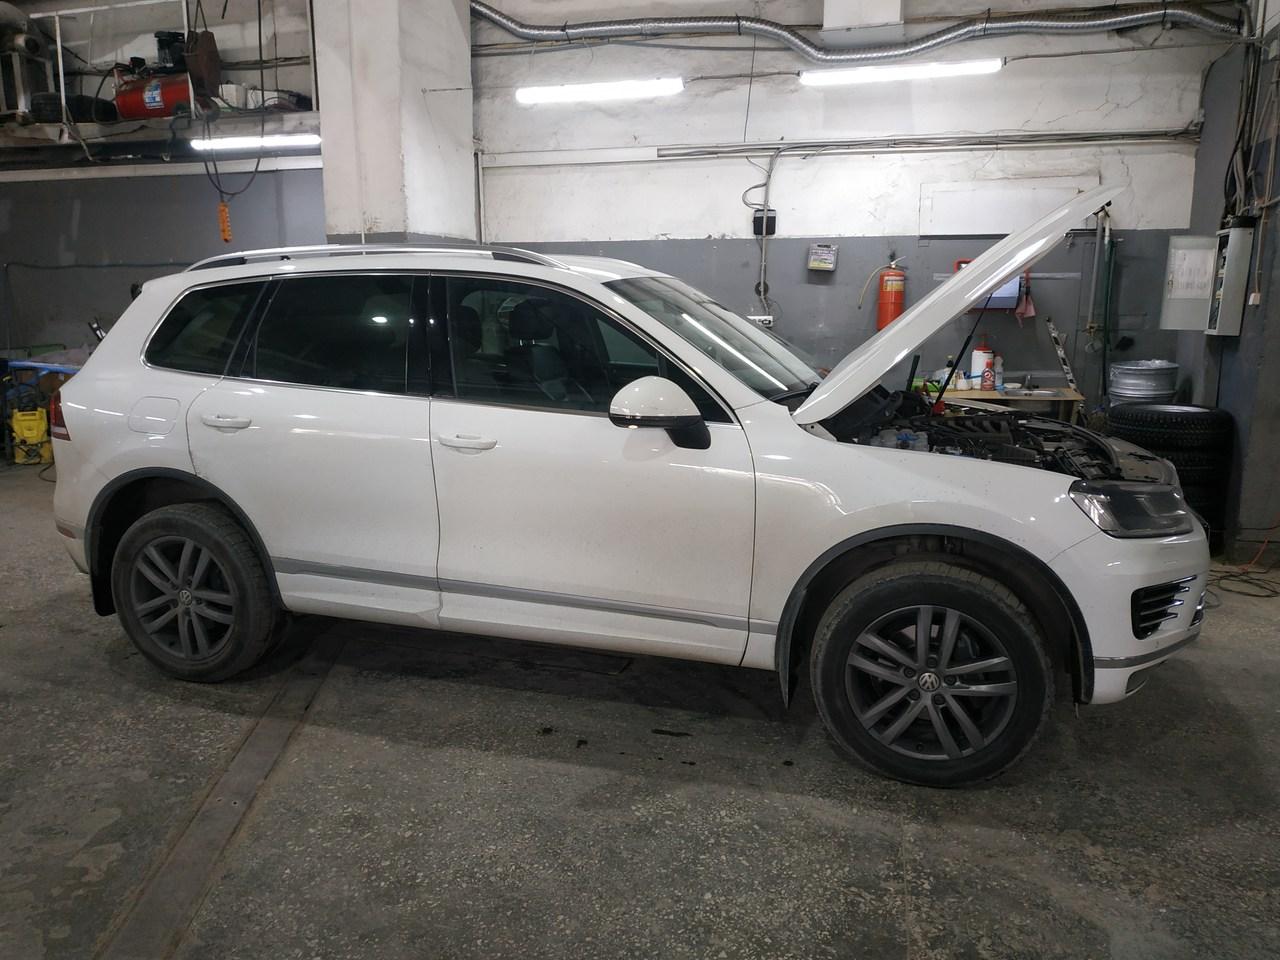 Volkswagen Touareg II 3.6 2017 г.в.